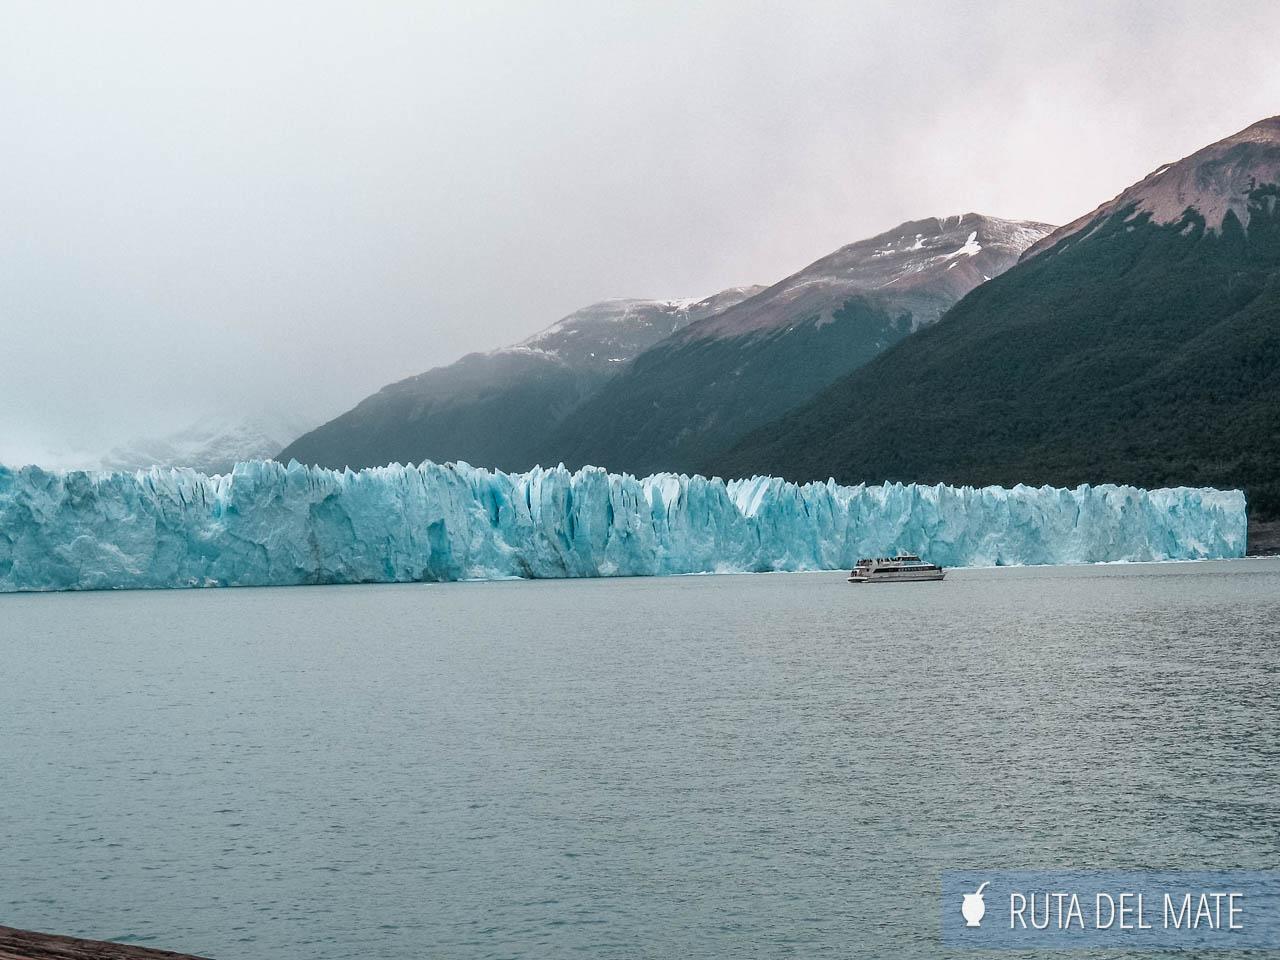 Un barco pequeño frente al glaciar